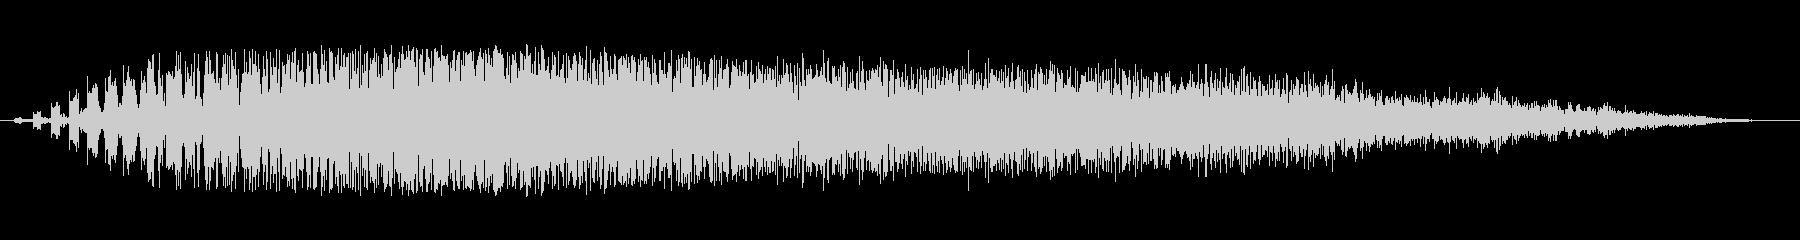 SPARK DISCHARGE、S...の未再生の波形